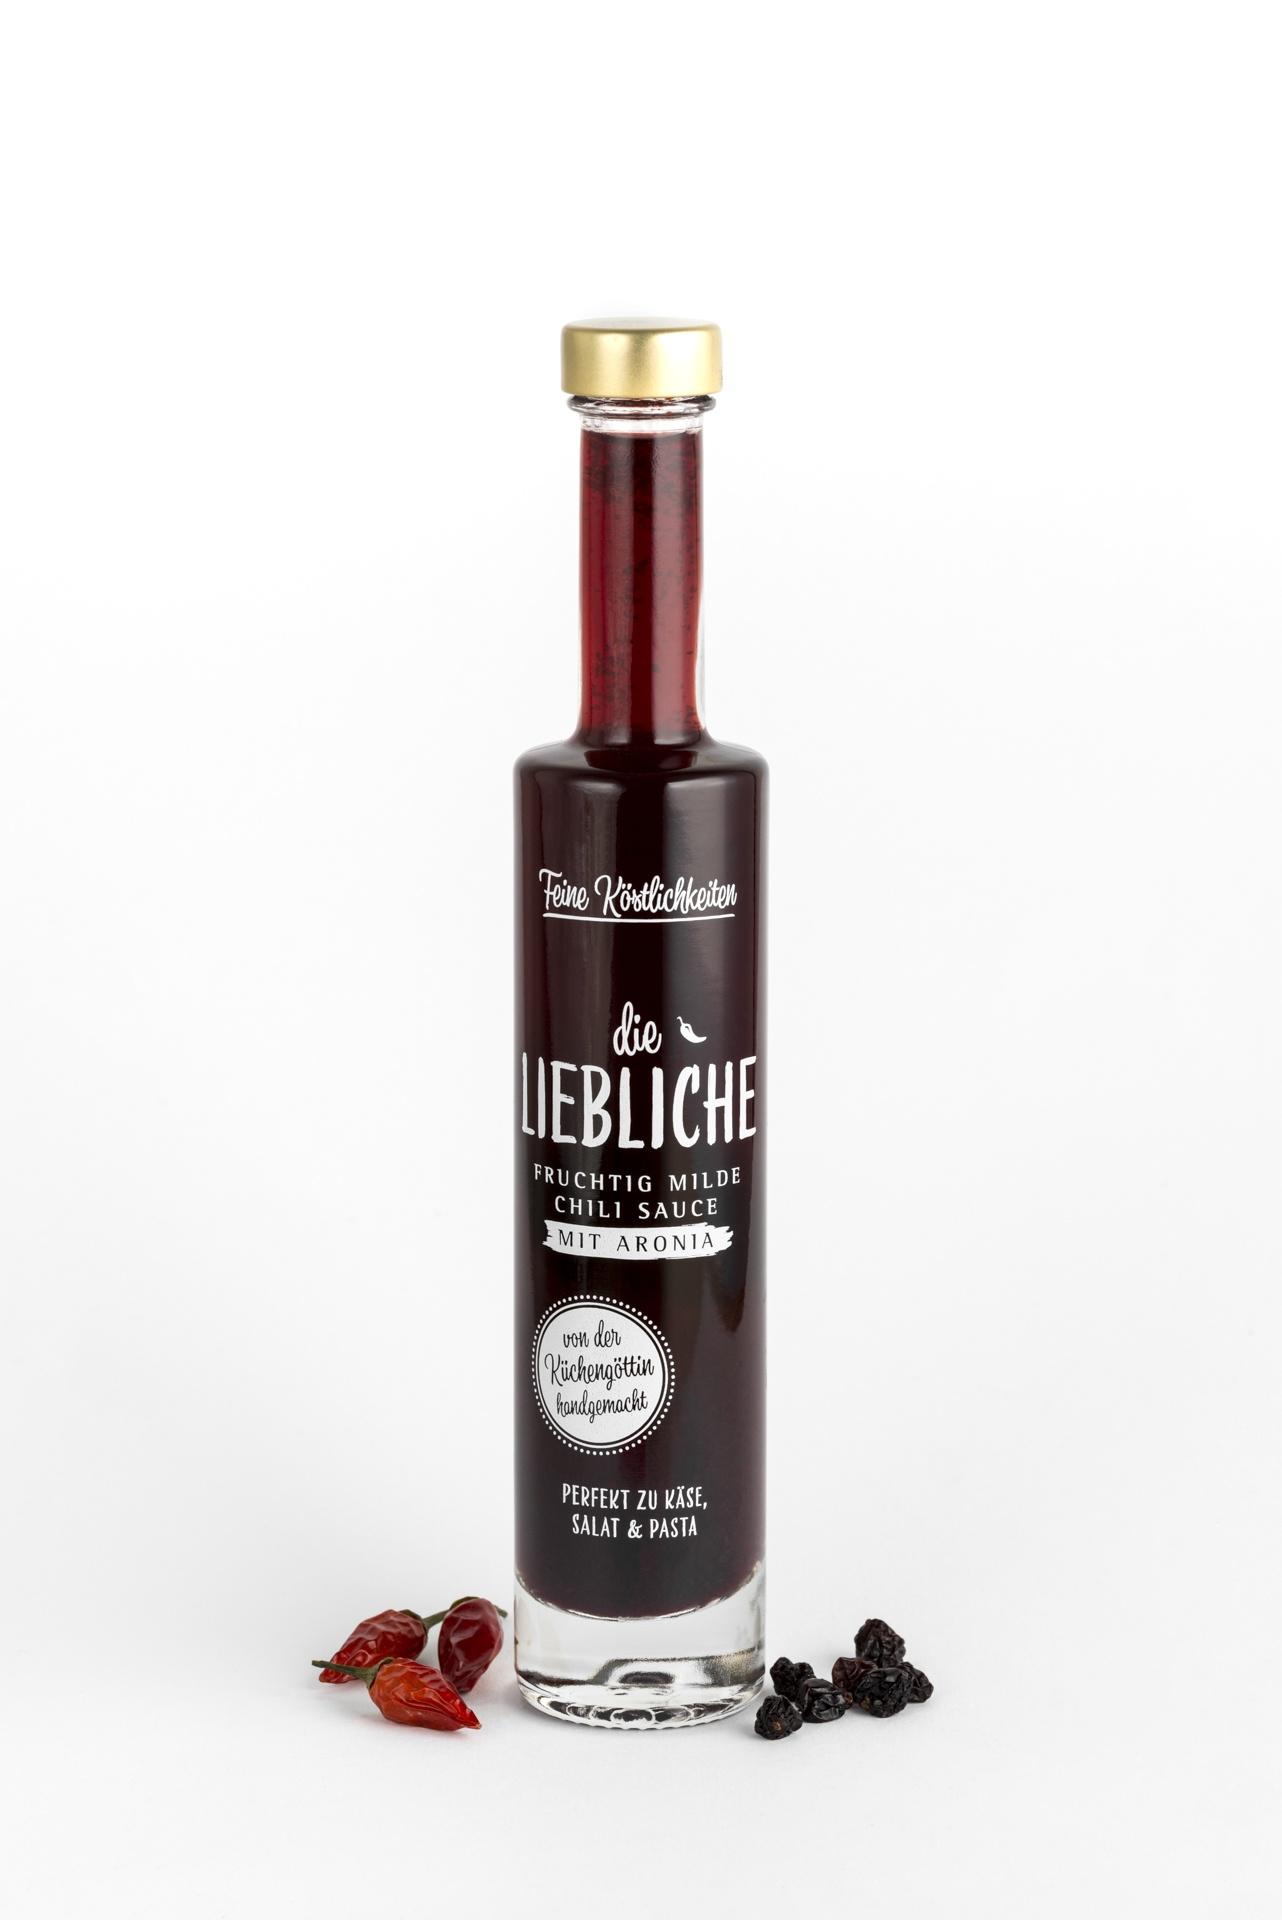 Eine Flasche Chili Sauce mit Aronia